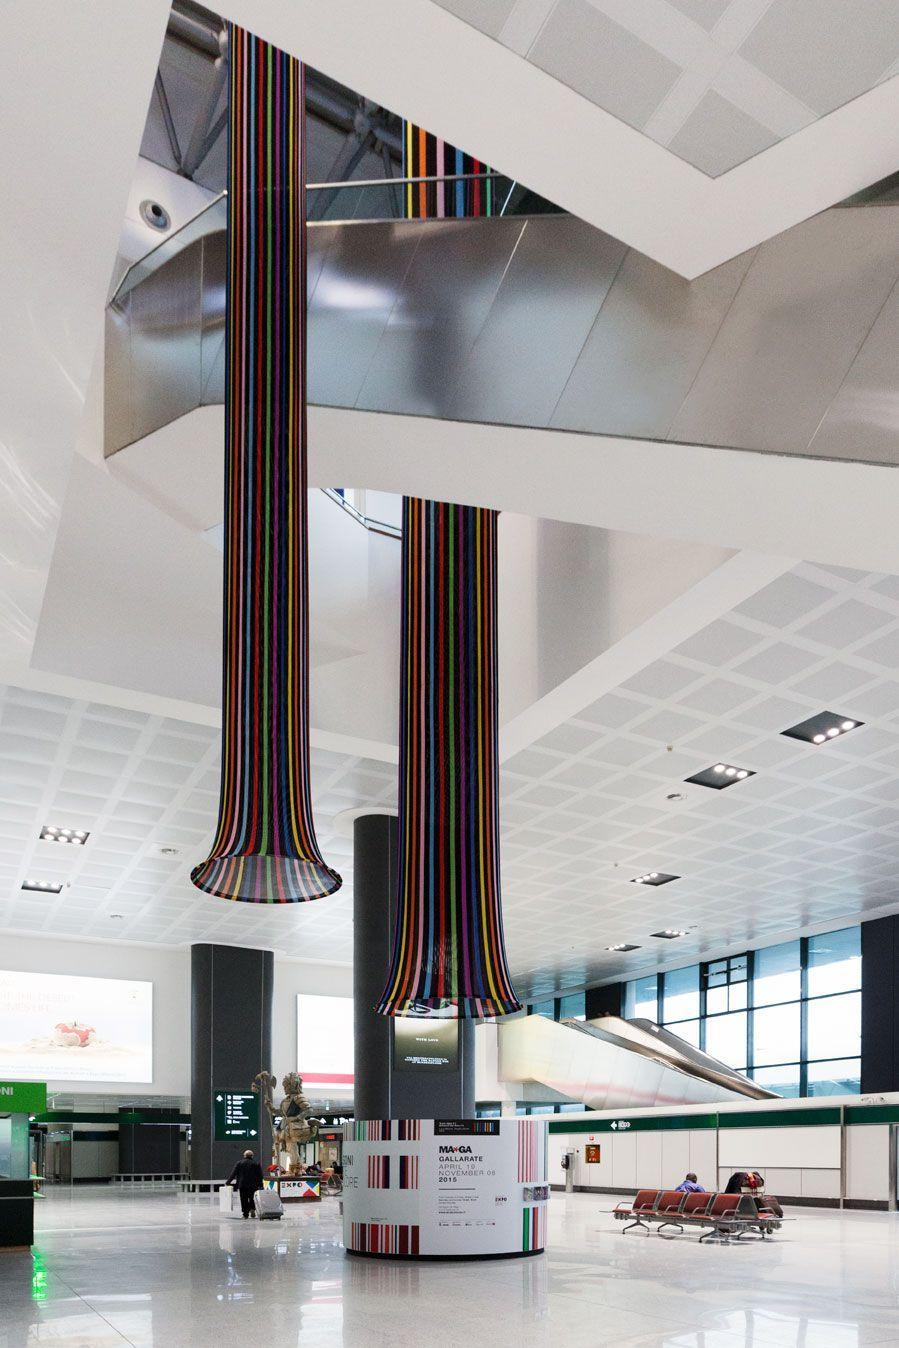 Fotografia di interni Aeroporto Malpensa